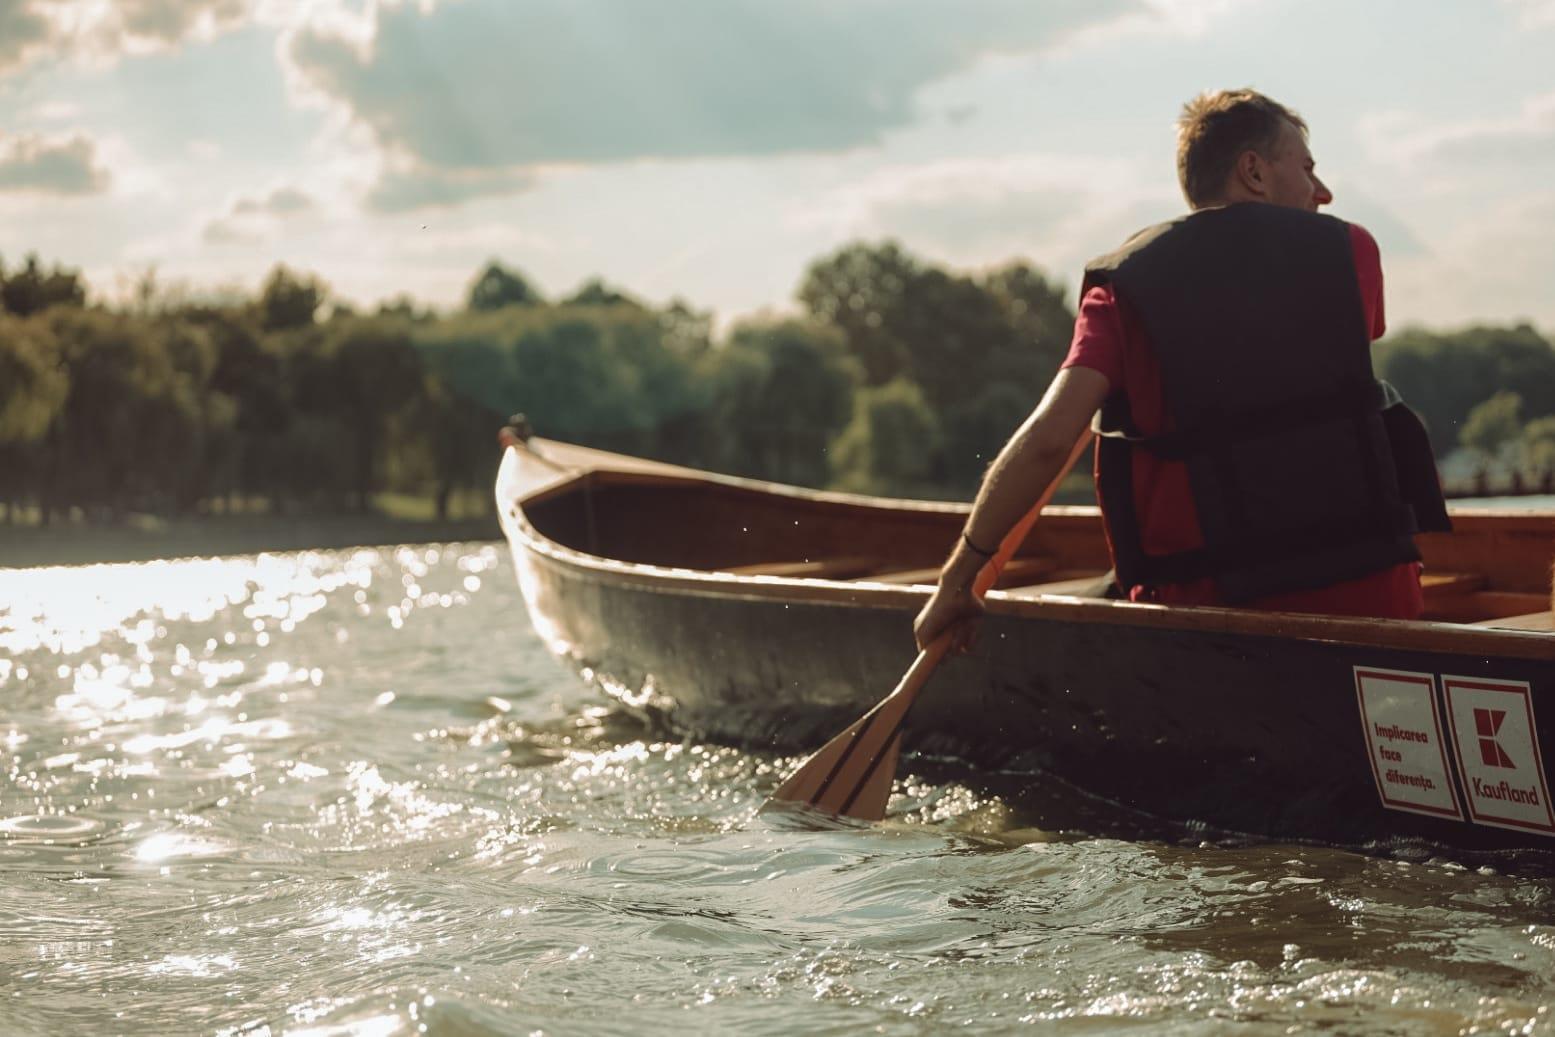 Bucureșteni, Dâmbovița prinde viață! 5 pontoane vor pluti pe râu în acest weekend. Plimbări cu canotca, ambarcațiunea inventată de Ivan Patzaichin